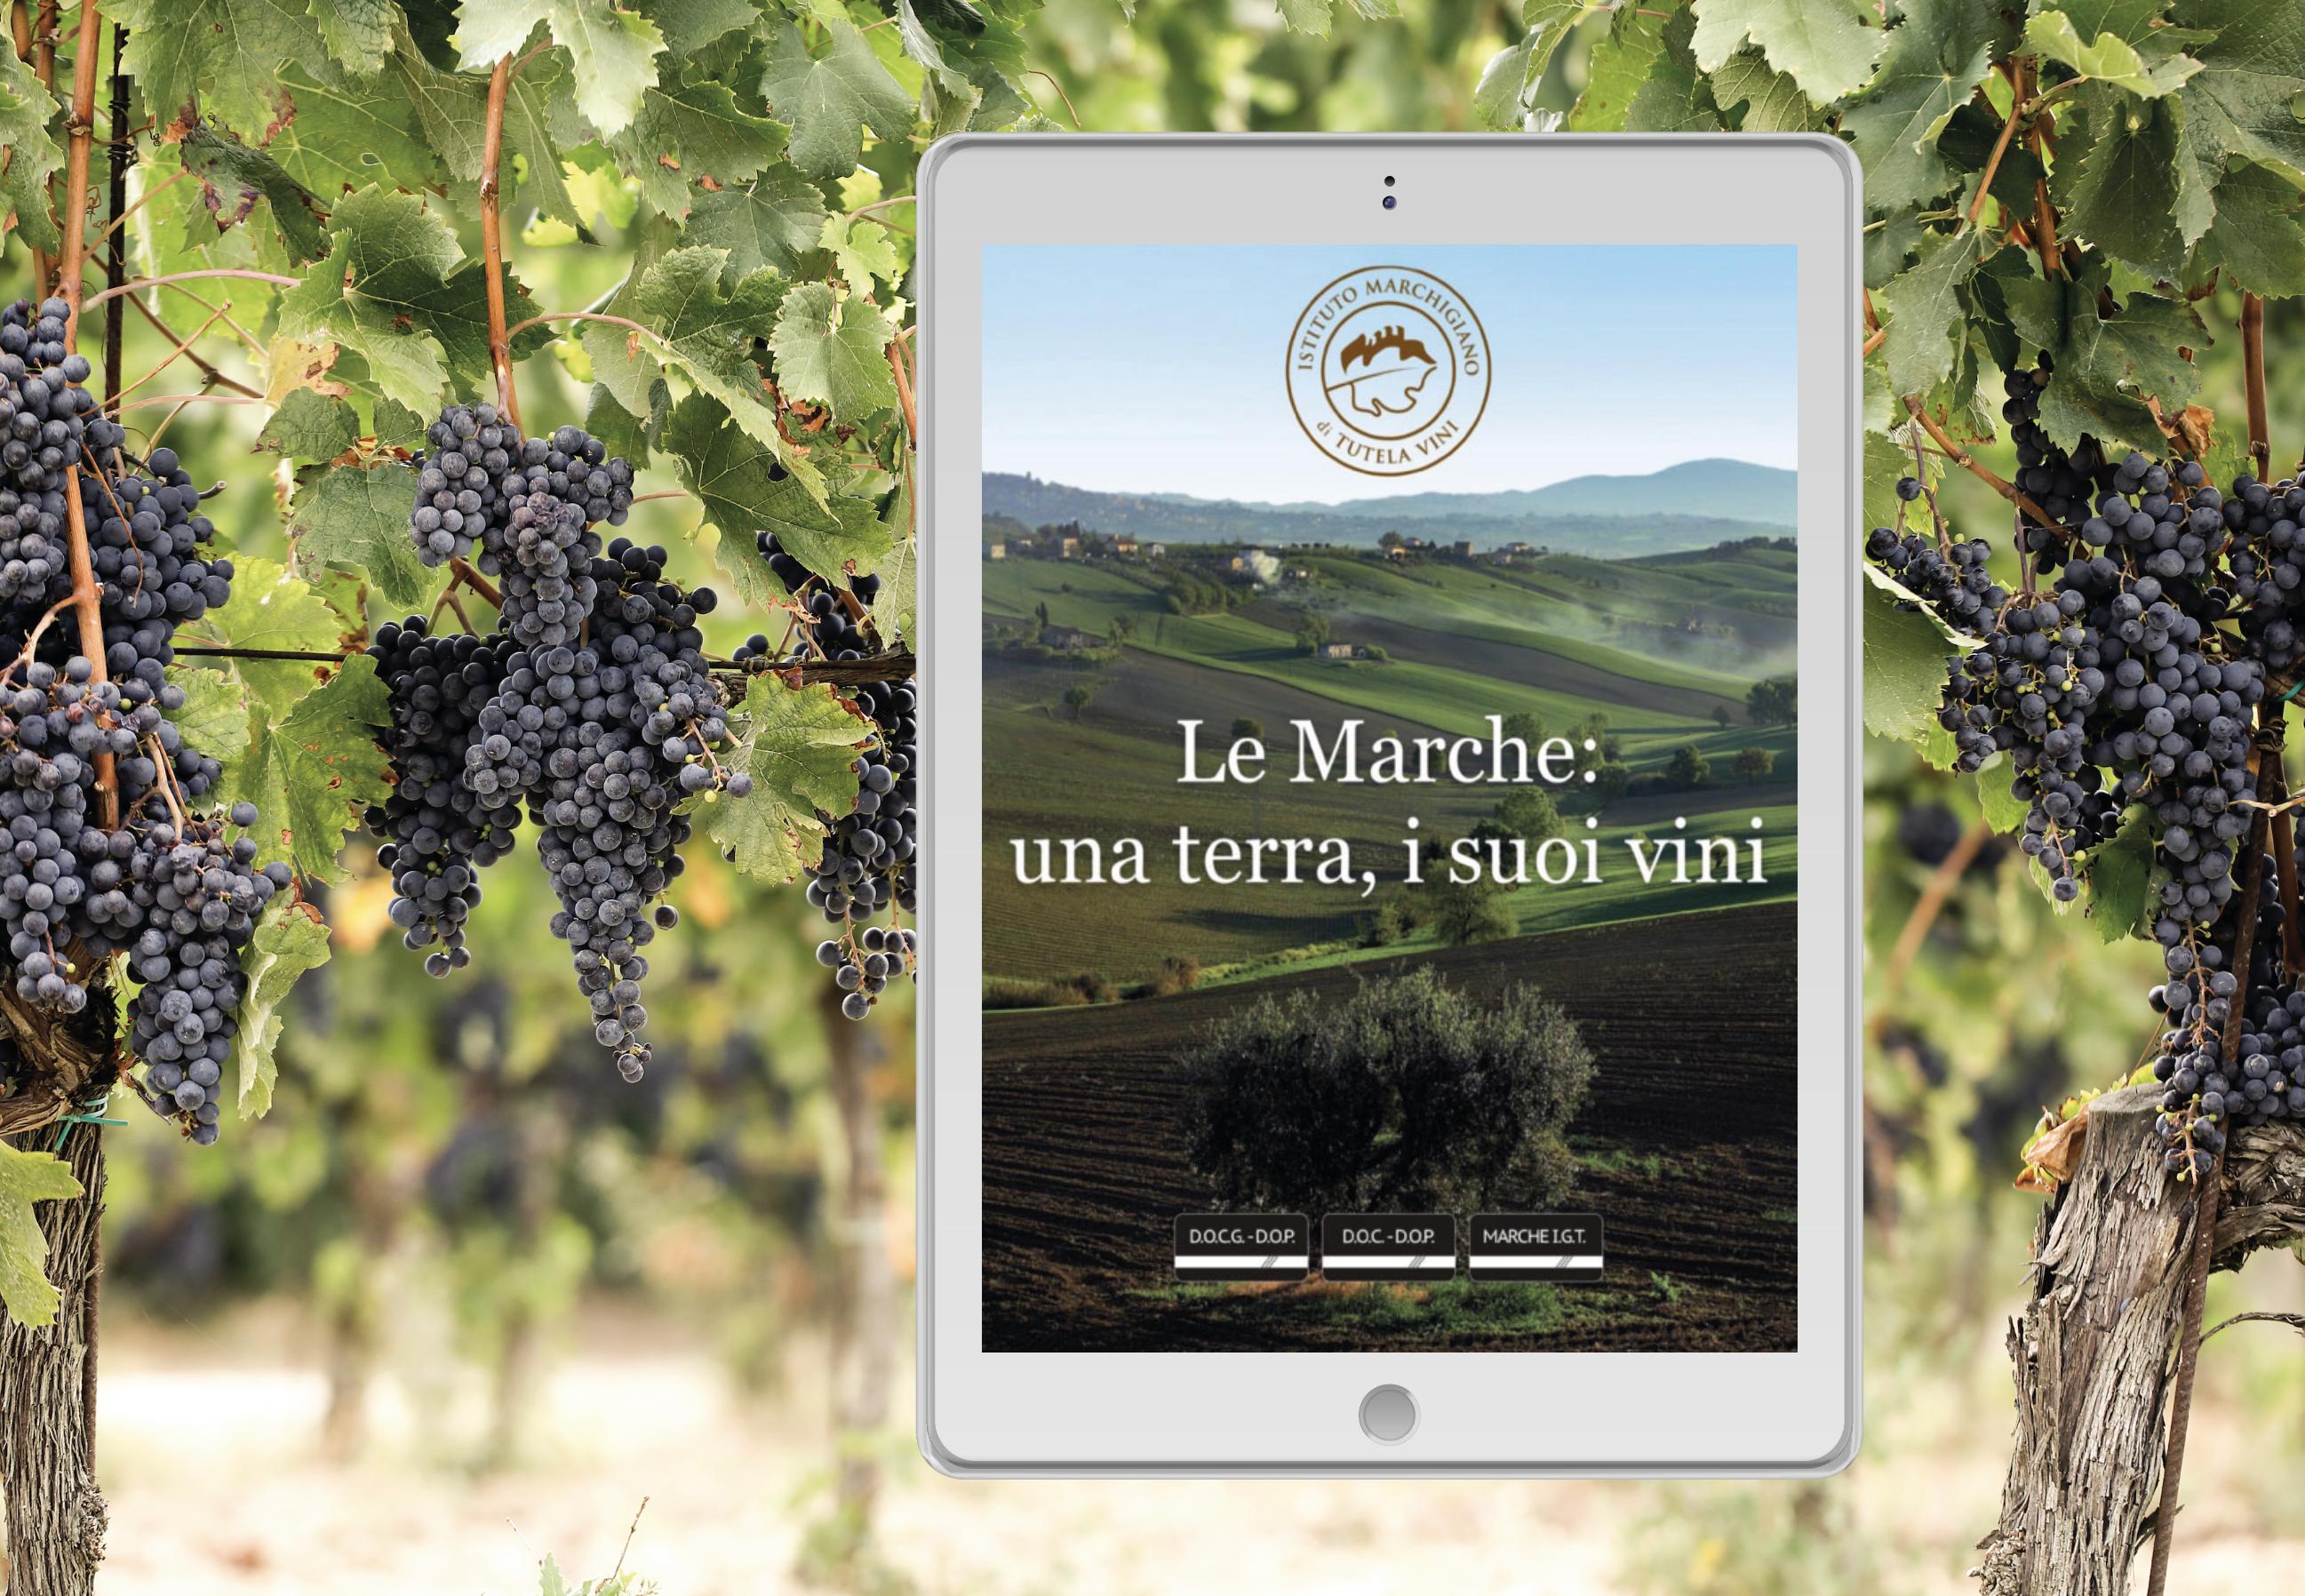 Le Marche, una terra i suoi vini